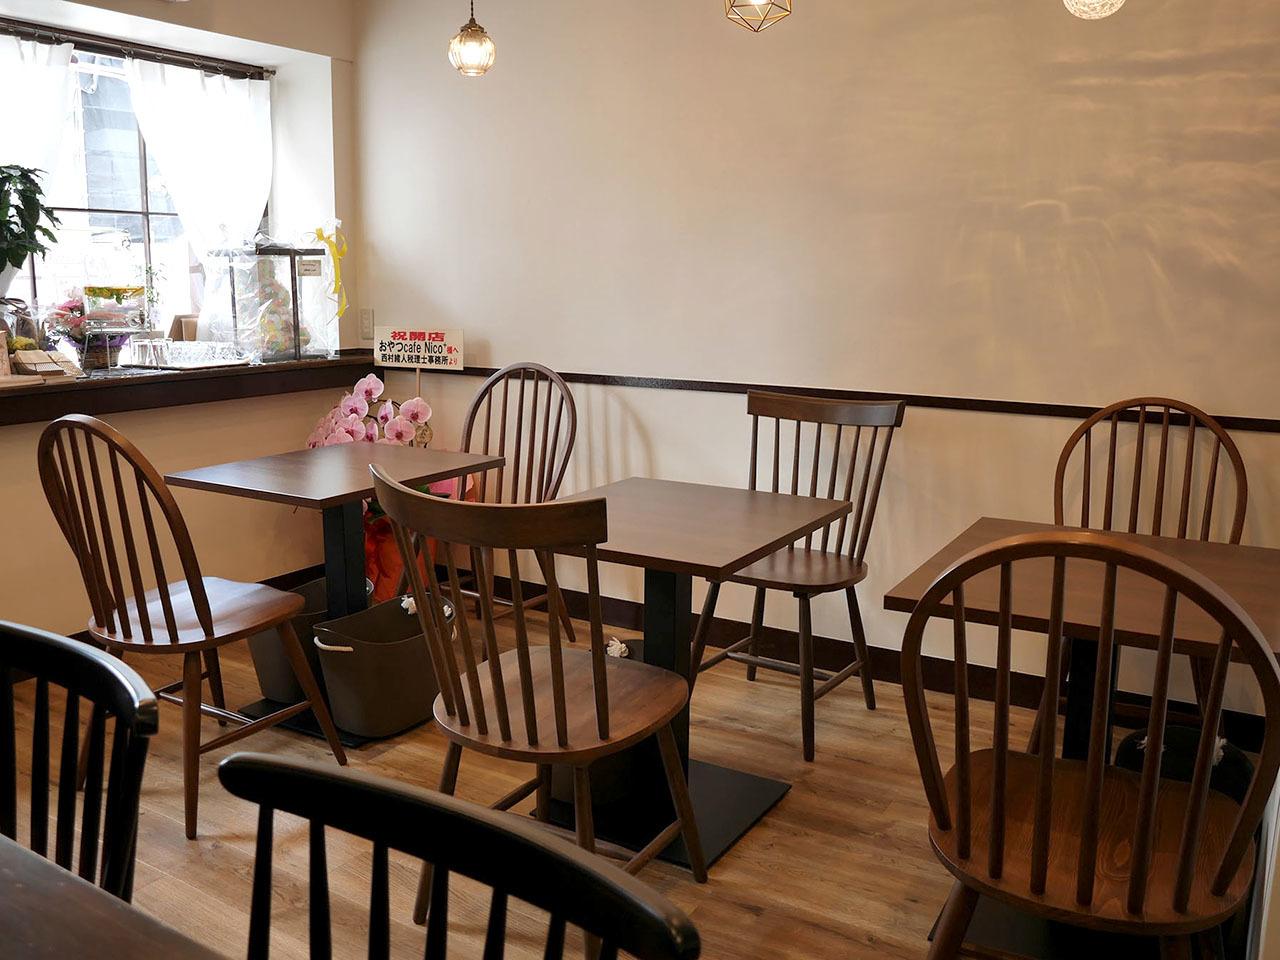 明石市荷山町|「おやつcafe Nico+」さん 2020年4月15日オープン!_a0129705_03054804.jpg